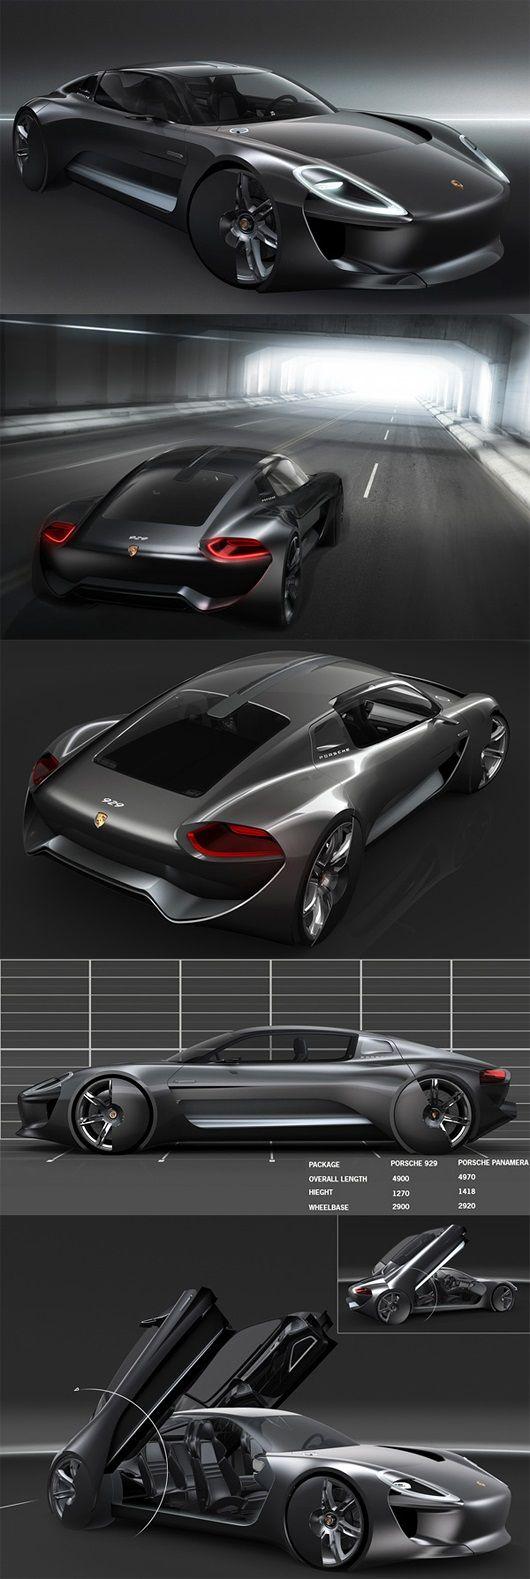 The Porsche 929 Concept by Julliana Cho